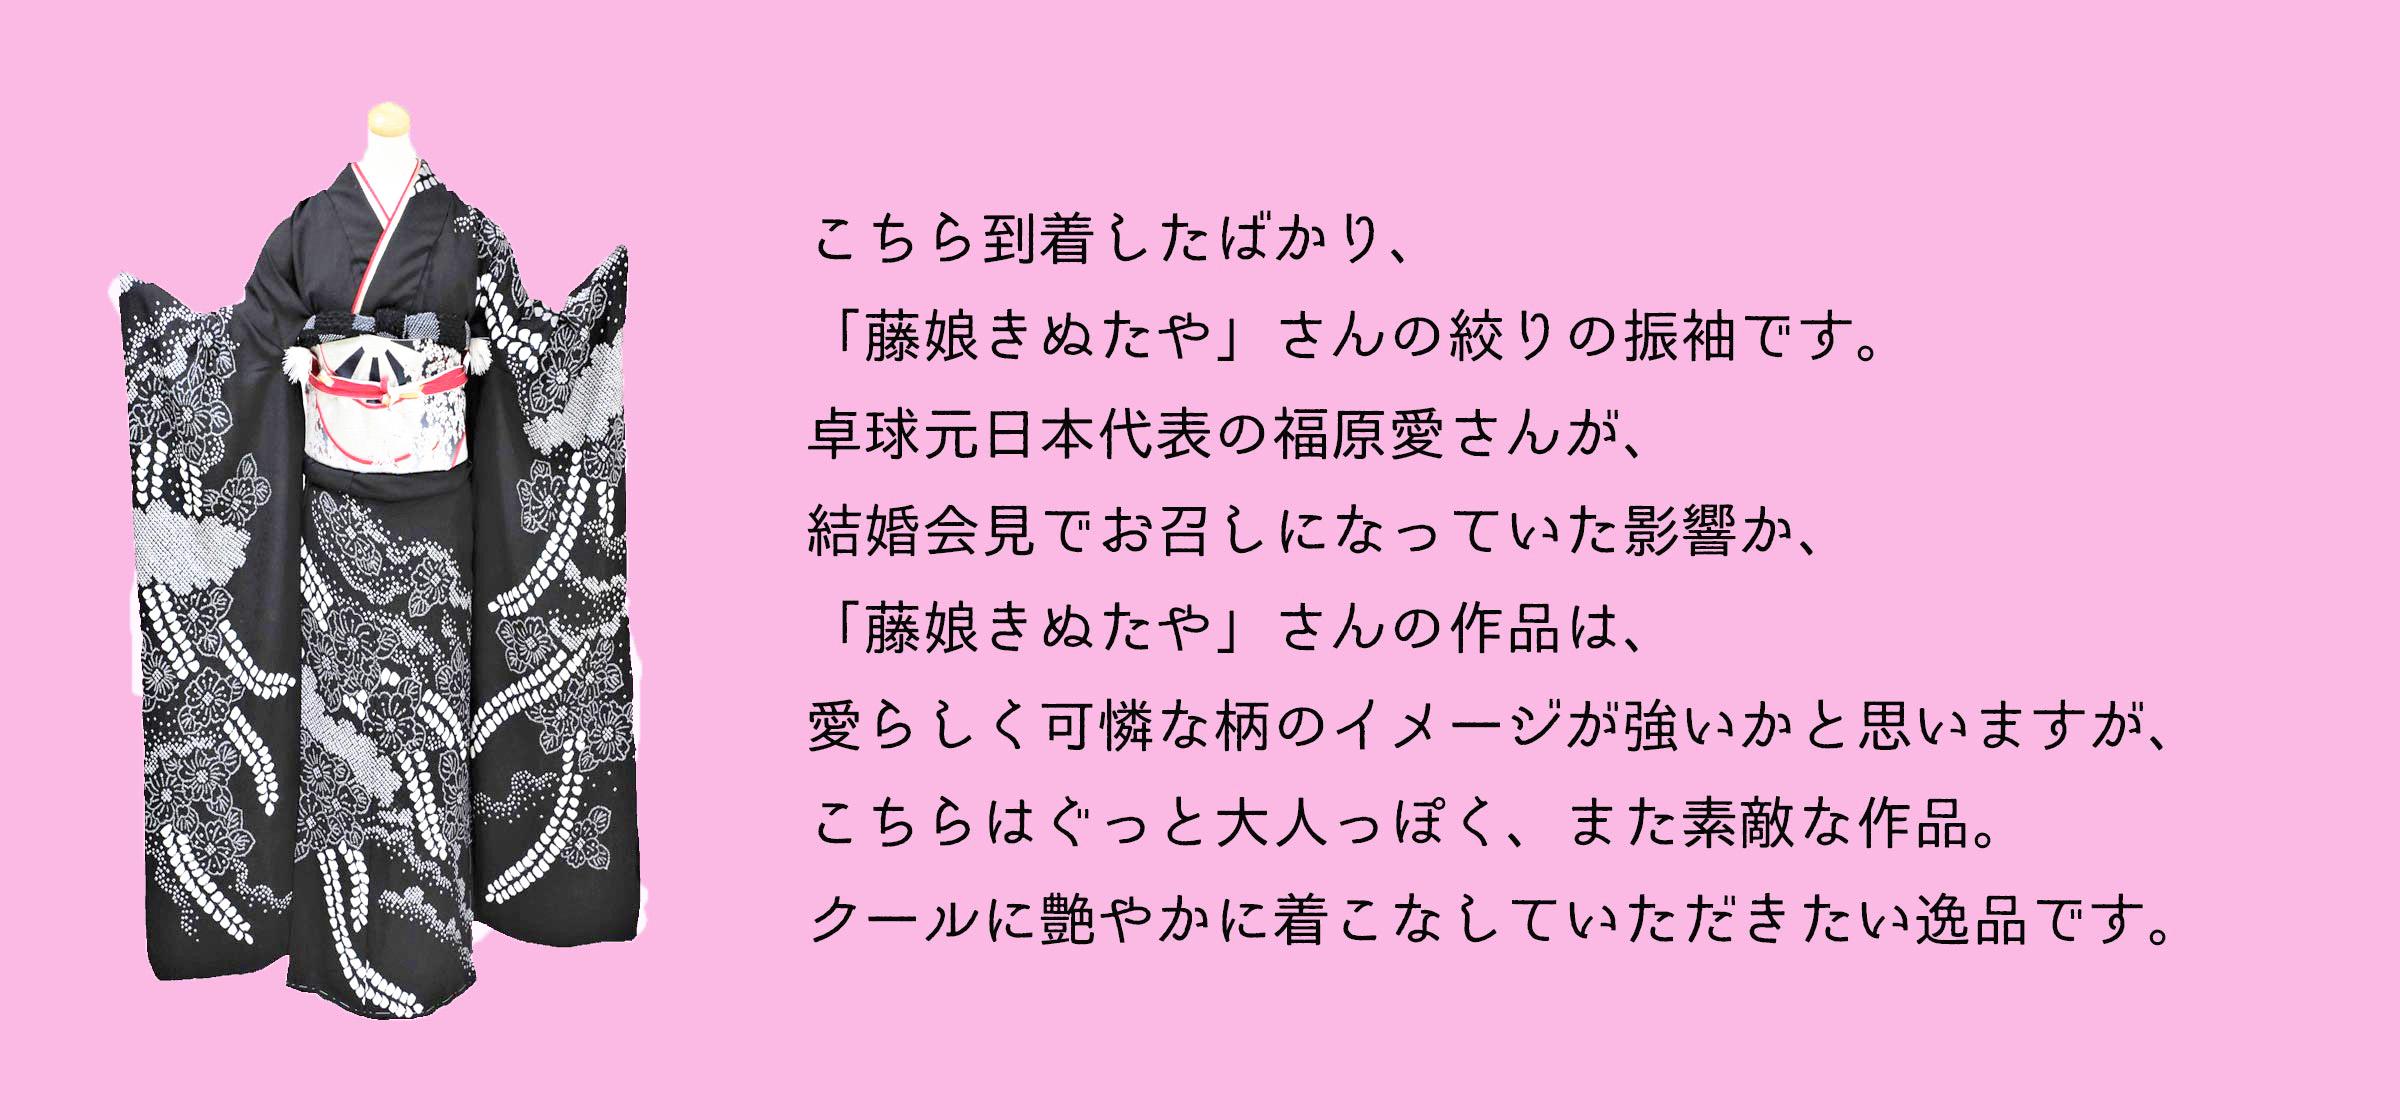 こちら到着したばかり、「藤娘きぬたや」さんの絞りの振袖です。卓球元日本代表の福原愛さんが、結婚会見でお召しになっていた影響か、「藤娘きぬたや」さんの作品は、愛らしく可憐な柄のイメージが強いかと思いますが、こちらはぐっと大人っぽく、また素敵な作品。クールに艶やかに着こなしていただきたい逸品です。